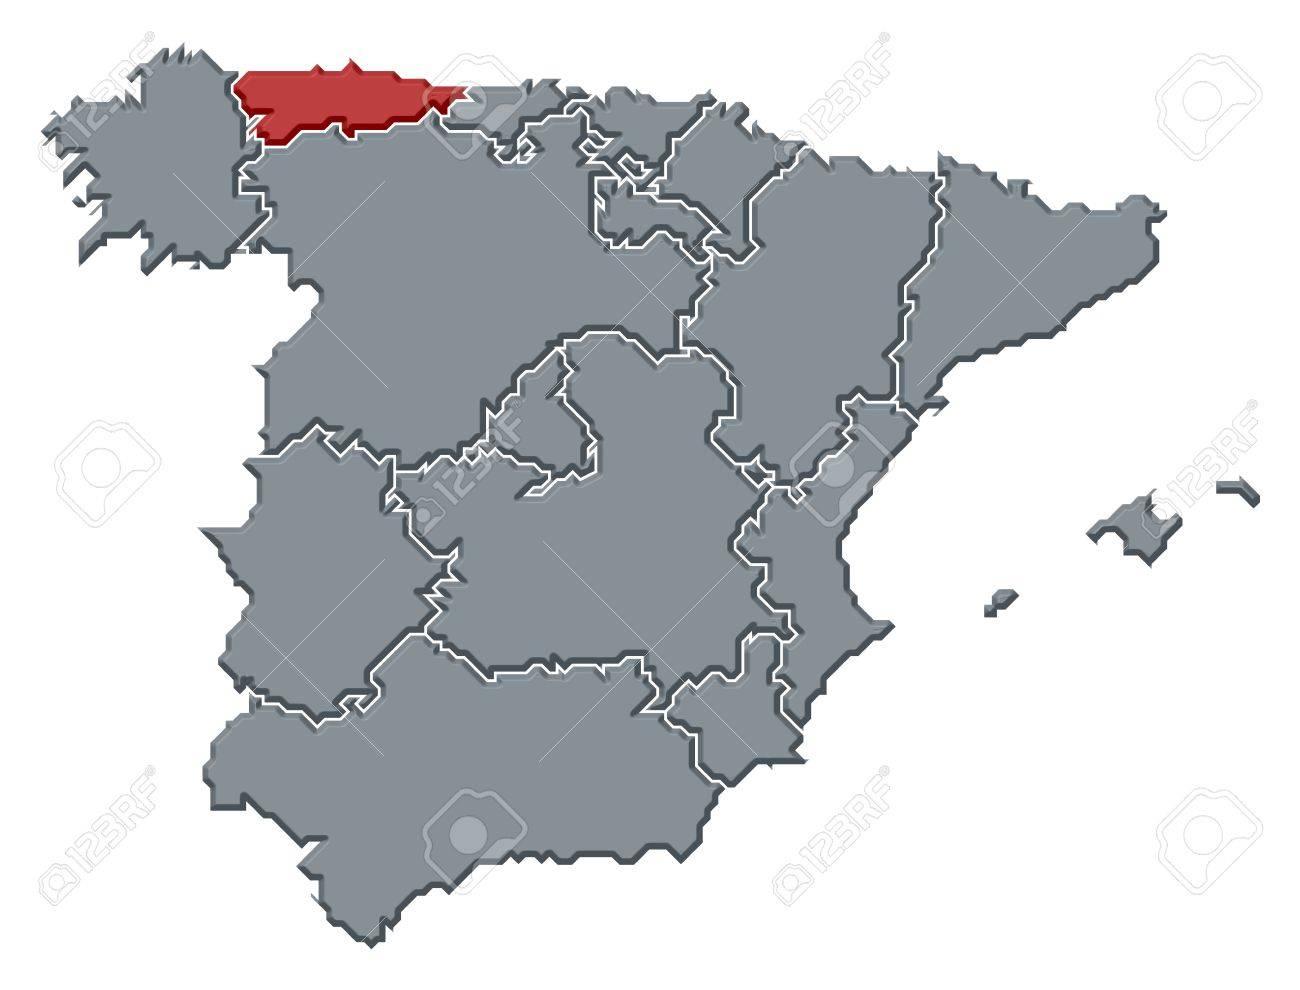 Mapa Politico De Asturias.Mapa Politico De Espana Con Las Diversas Regiones Donde Se Destaca Asturias